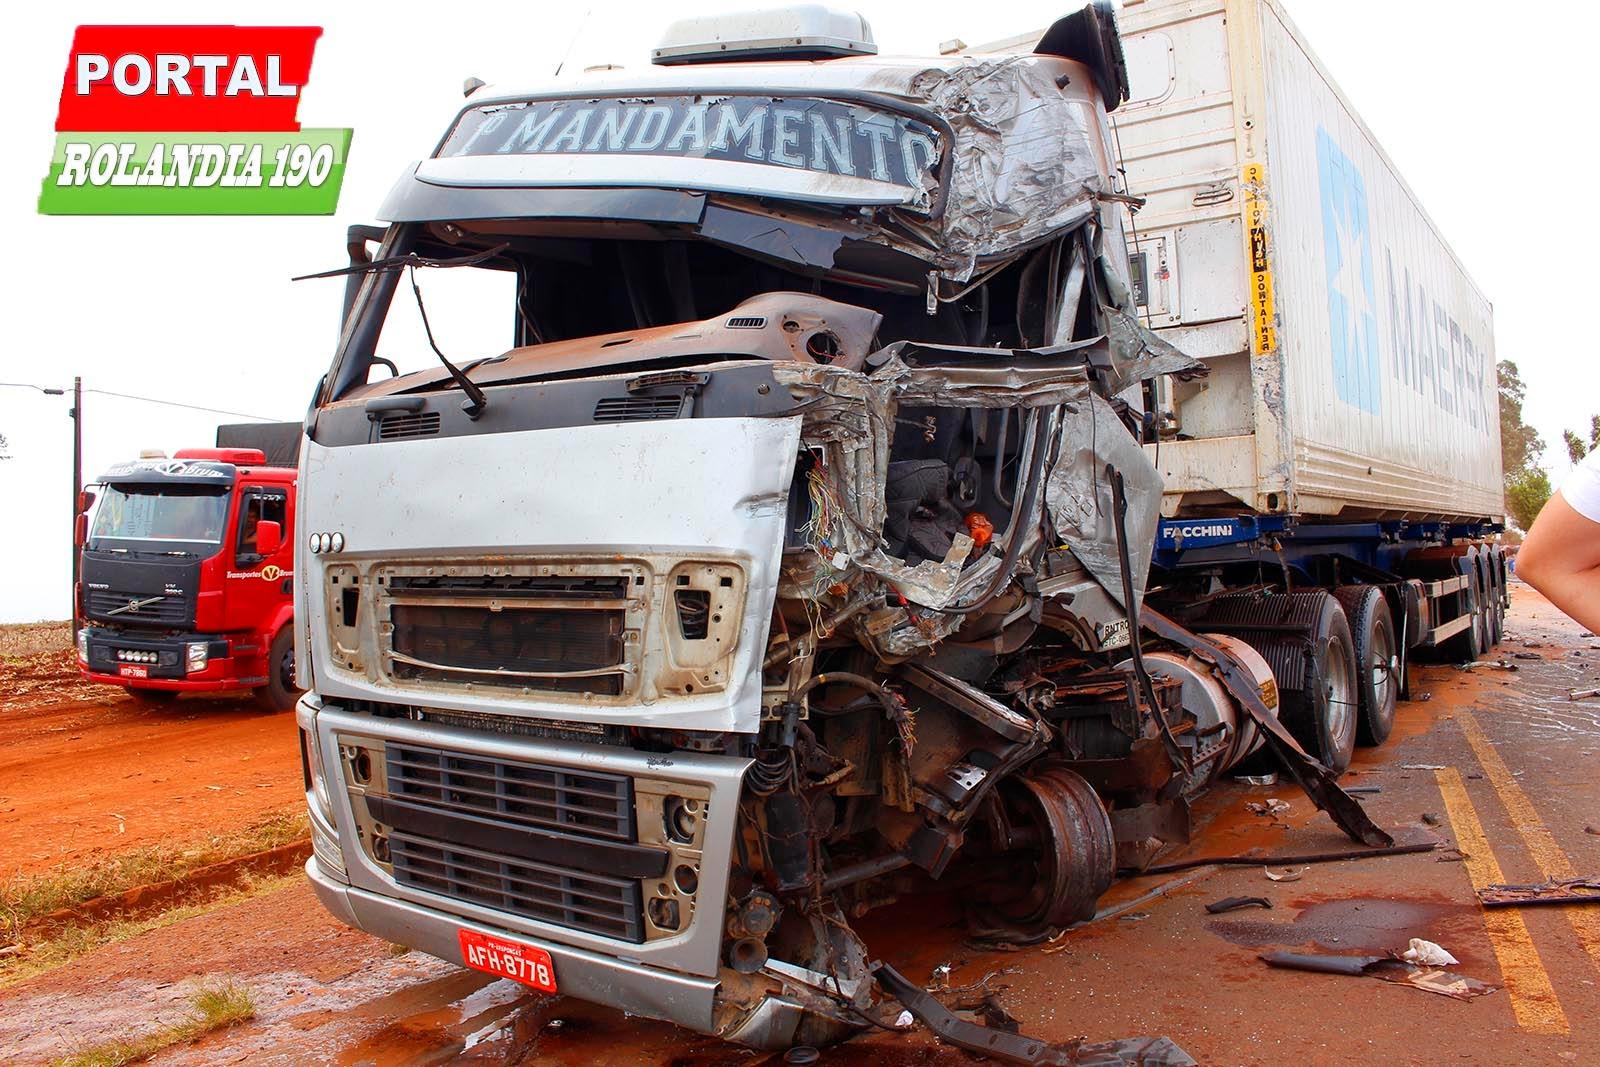 Rolândia 190 - Notícias de Rolândia -  acidente carreta